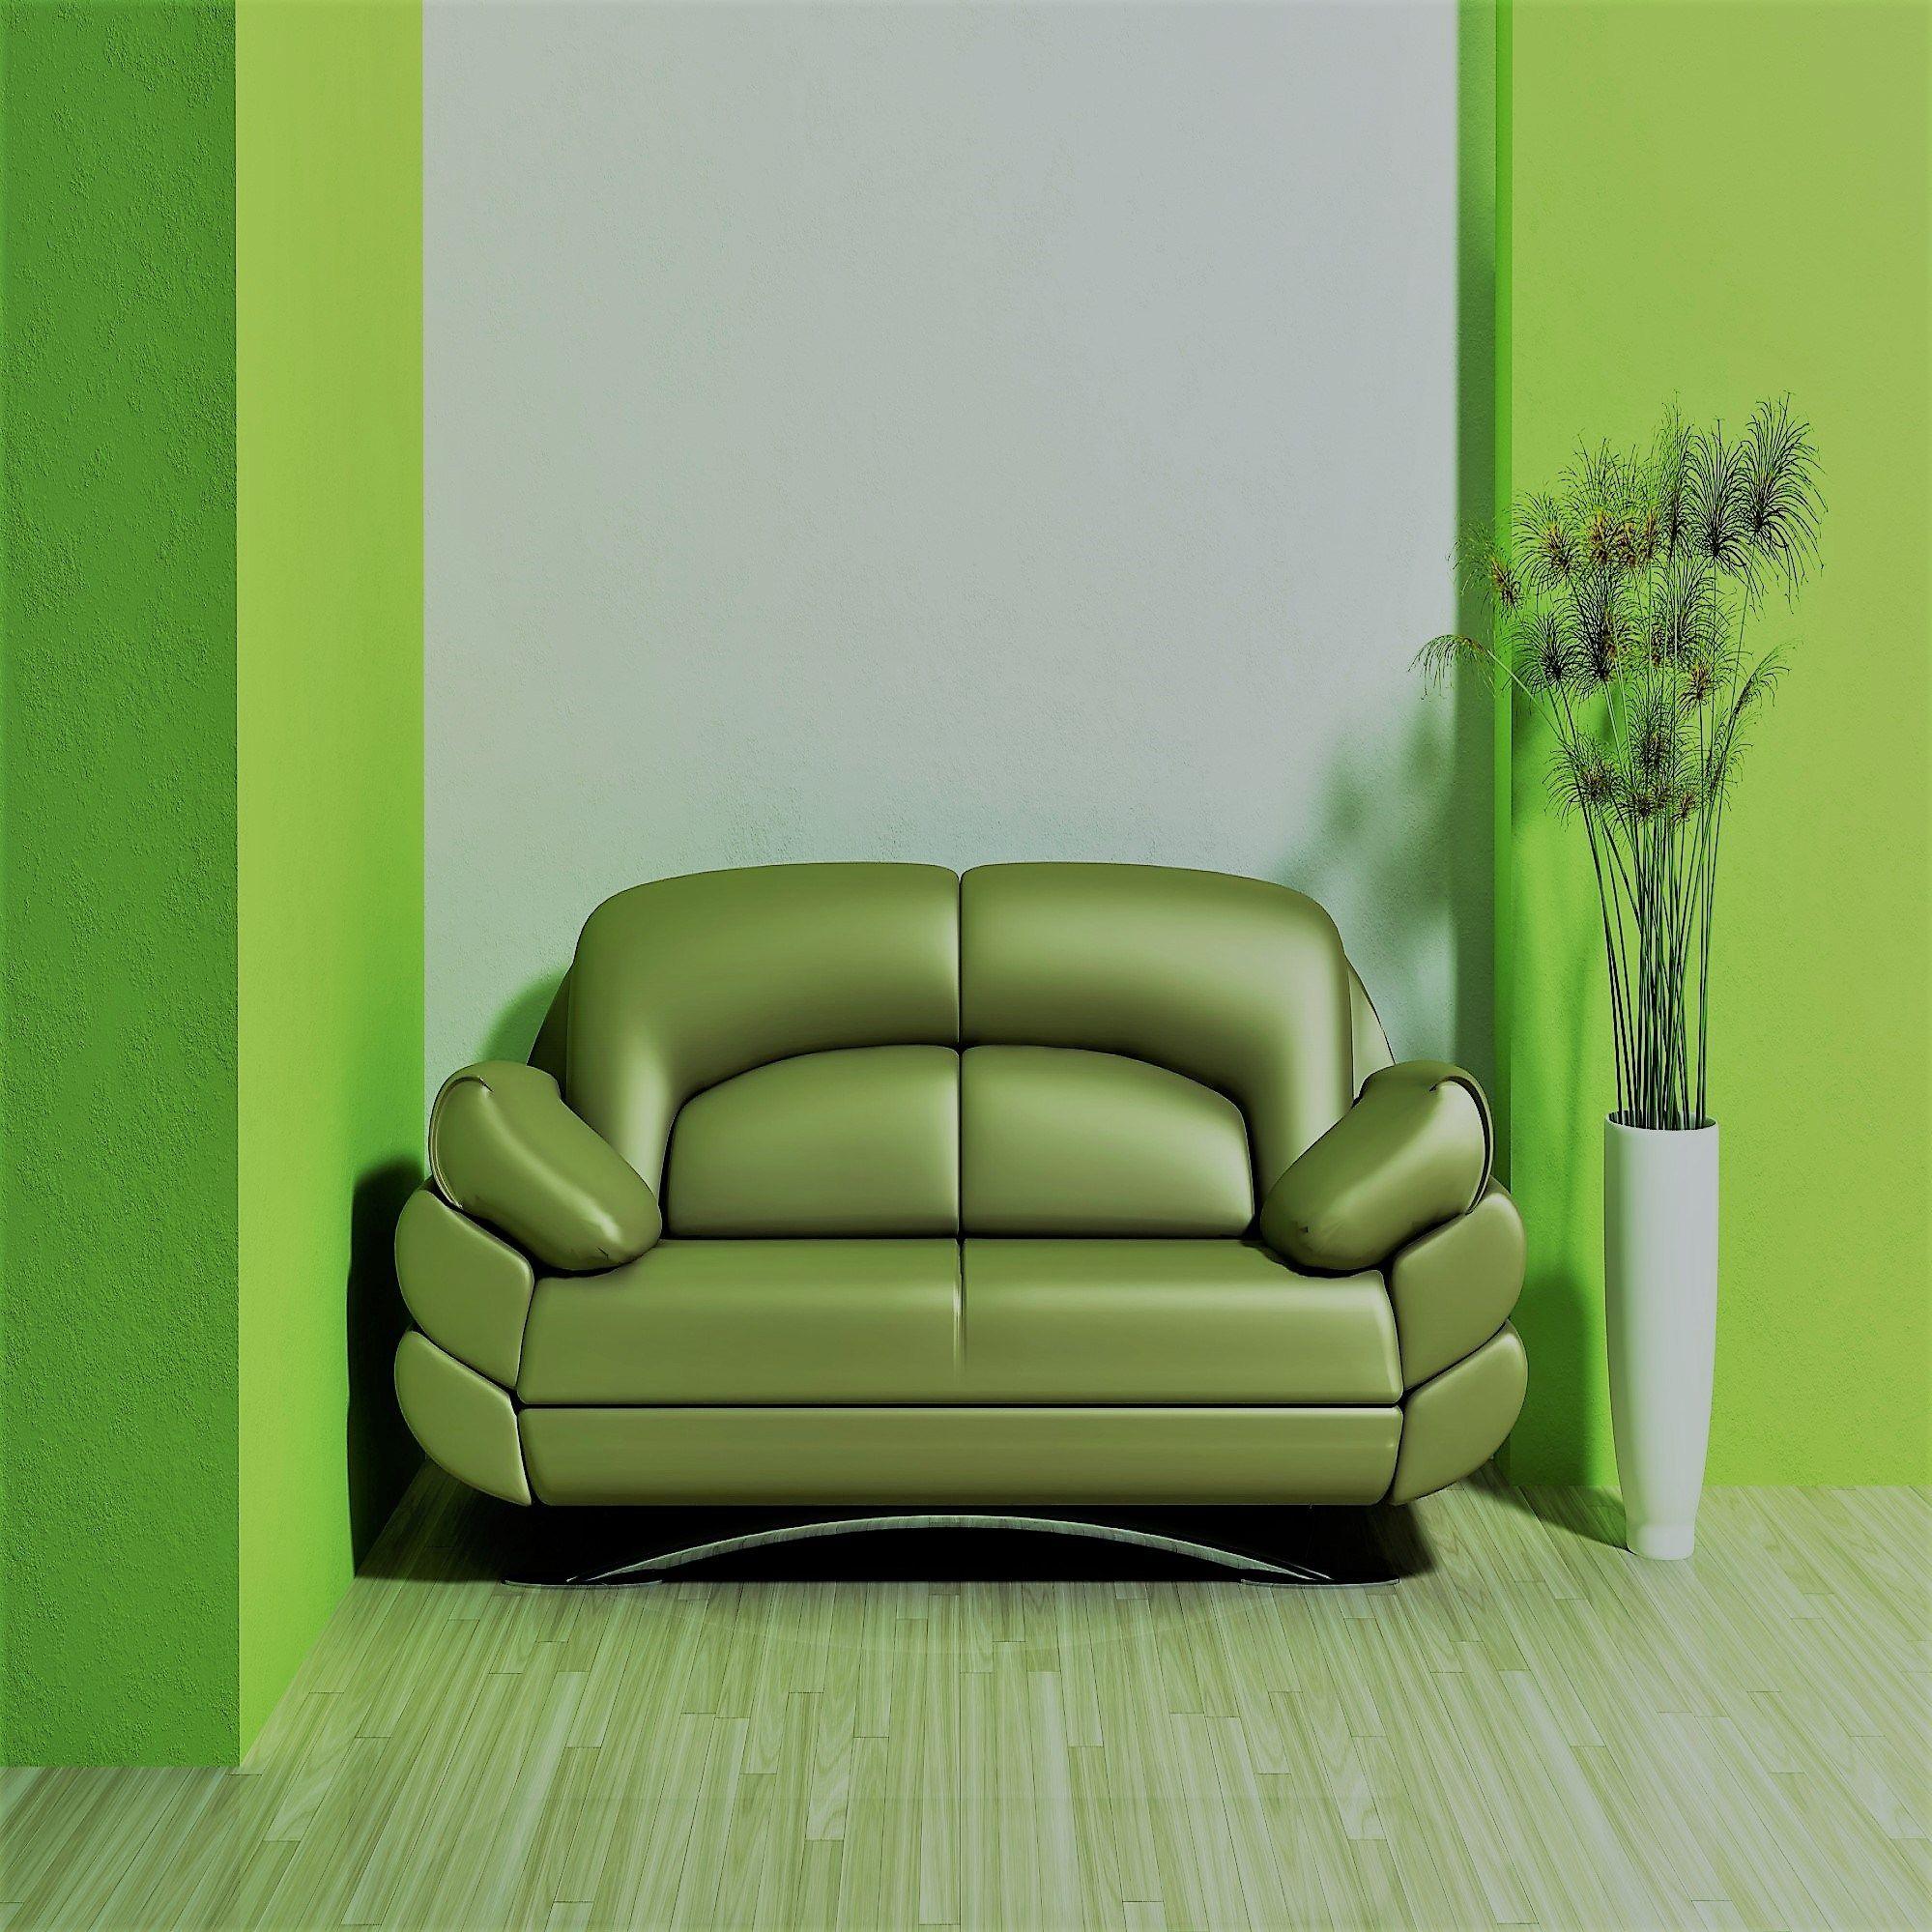 Fr den einzug bieten wir auch transporter an damit das gute sofa fr den einzug bieten wir auch transporter an damit das gute sofa auch unversehrt eintreffen parisarafo Gallery